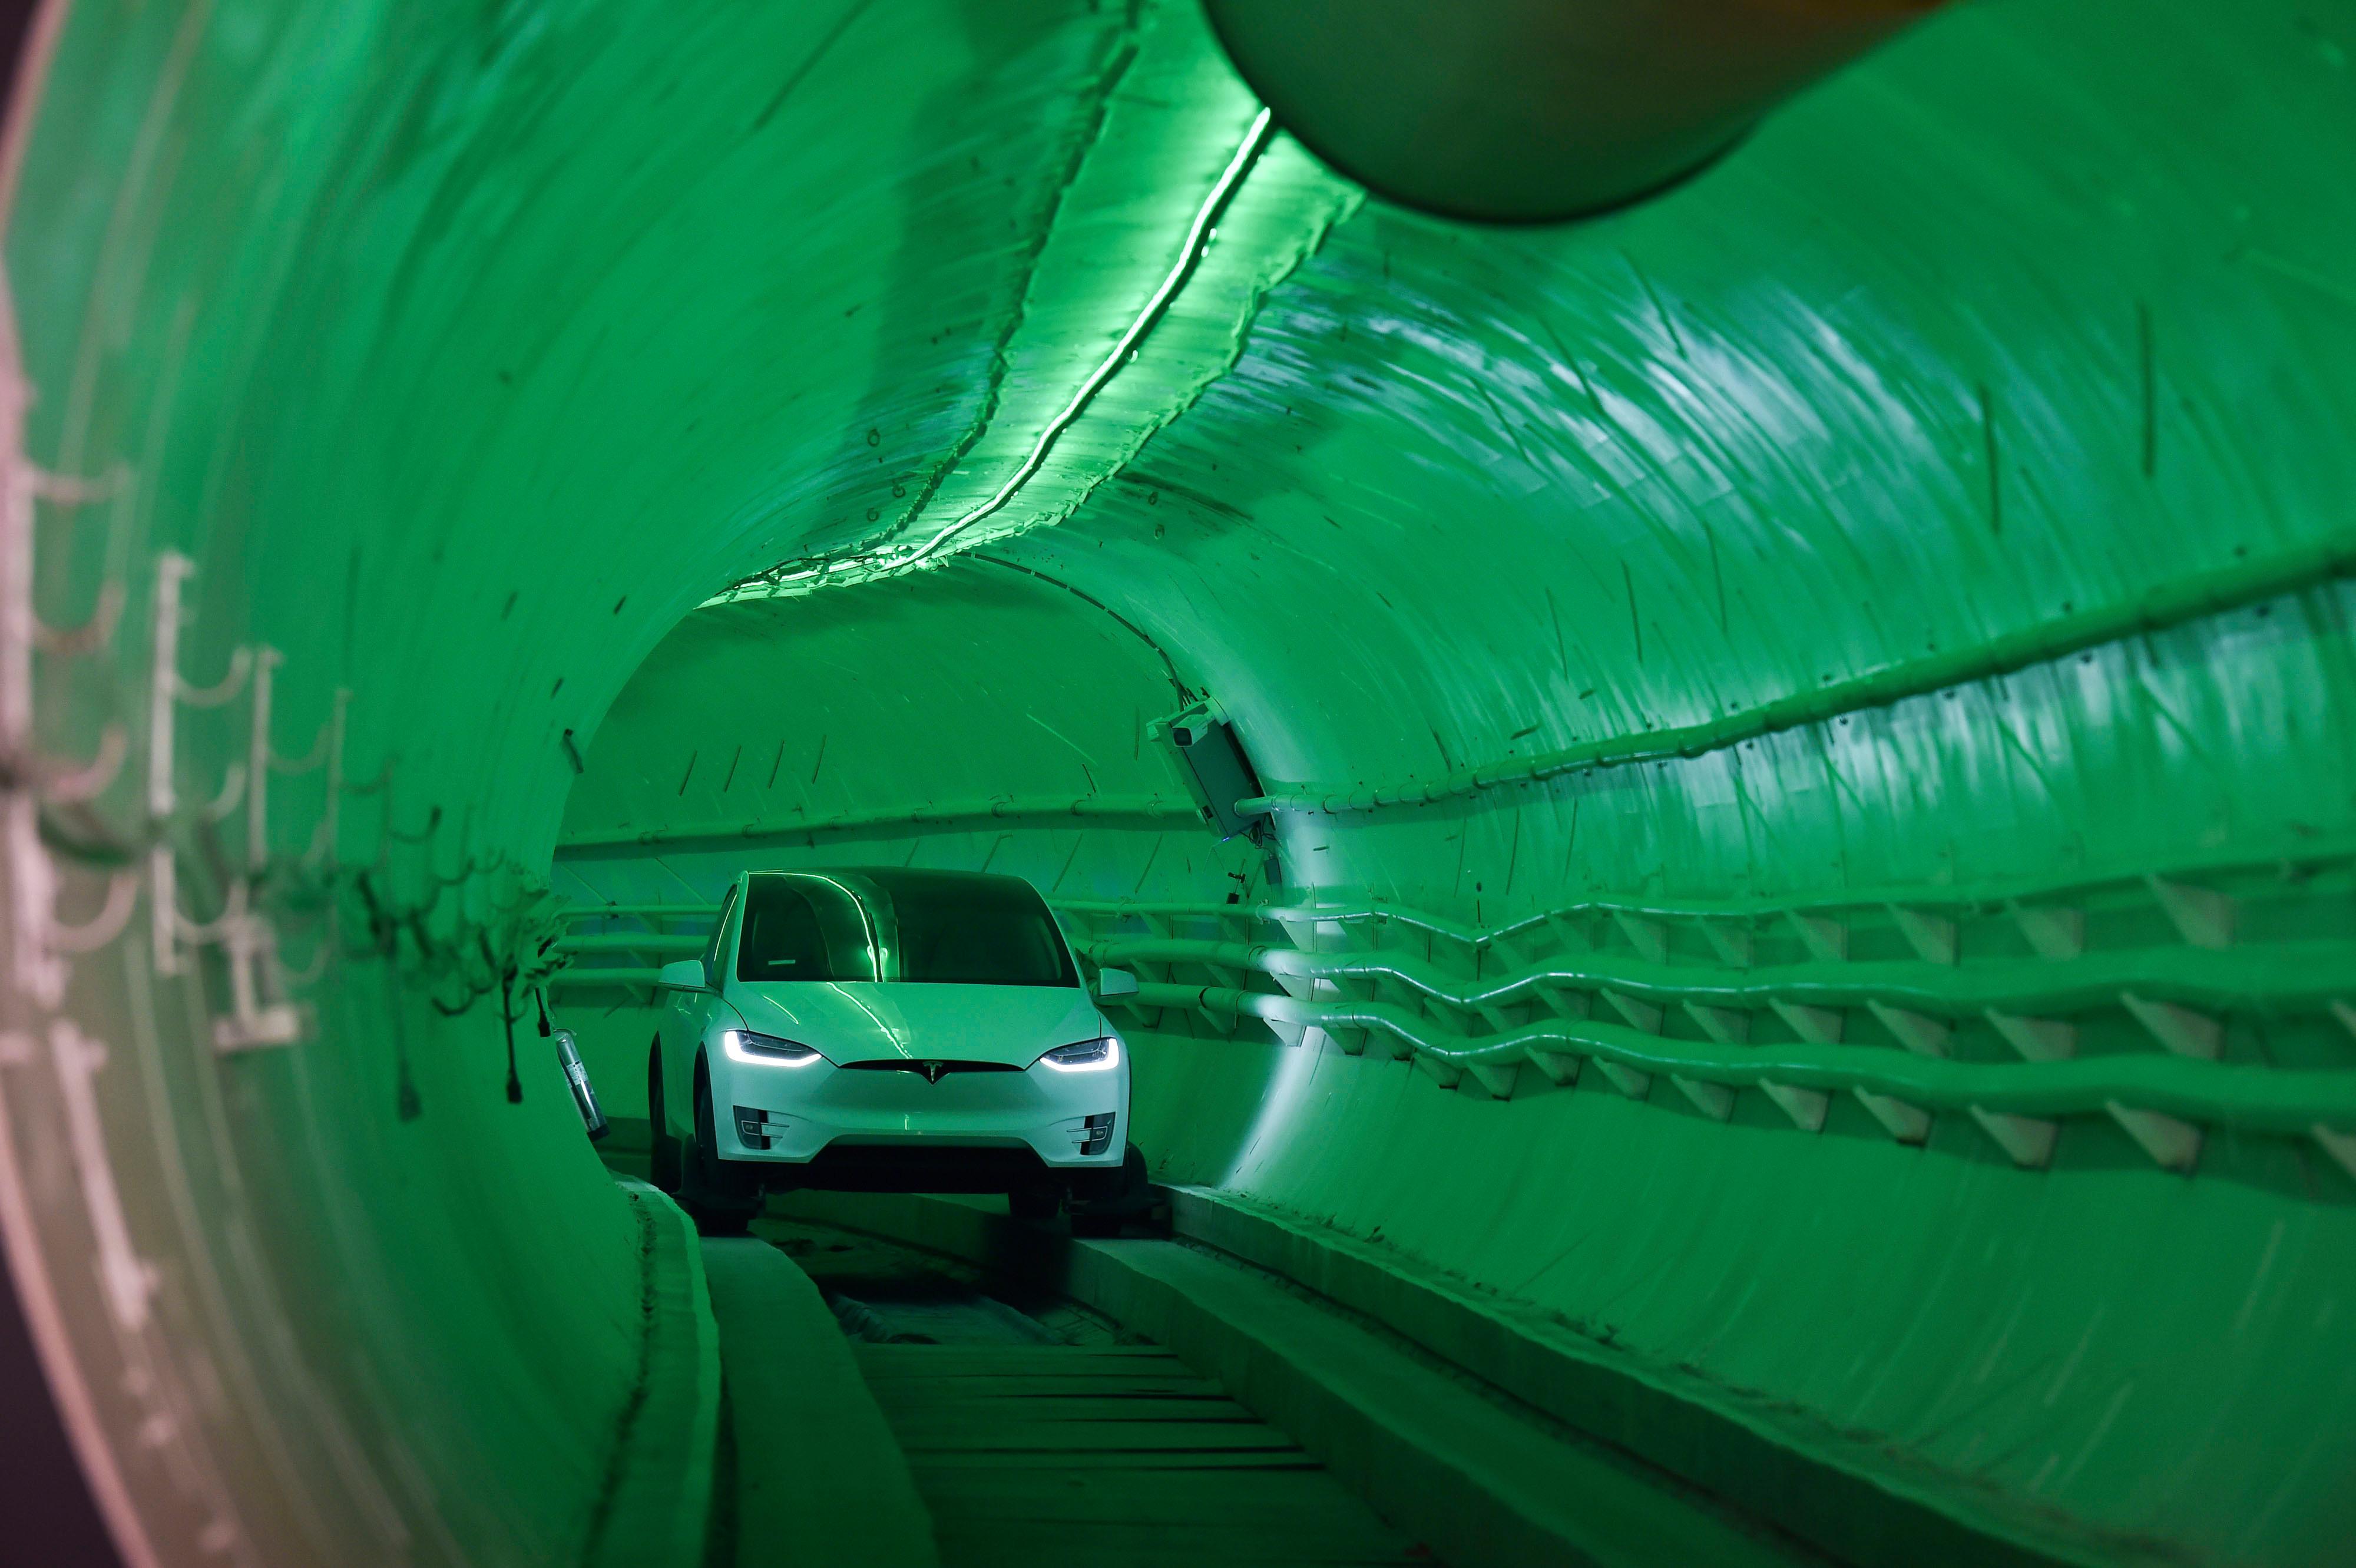 Ecco il Tunnel Stradale di Elon Musk in azione